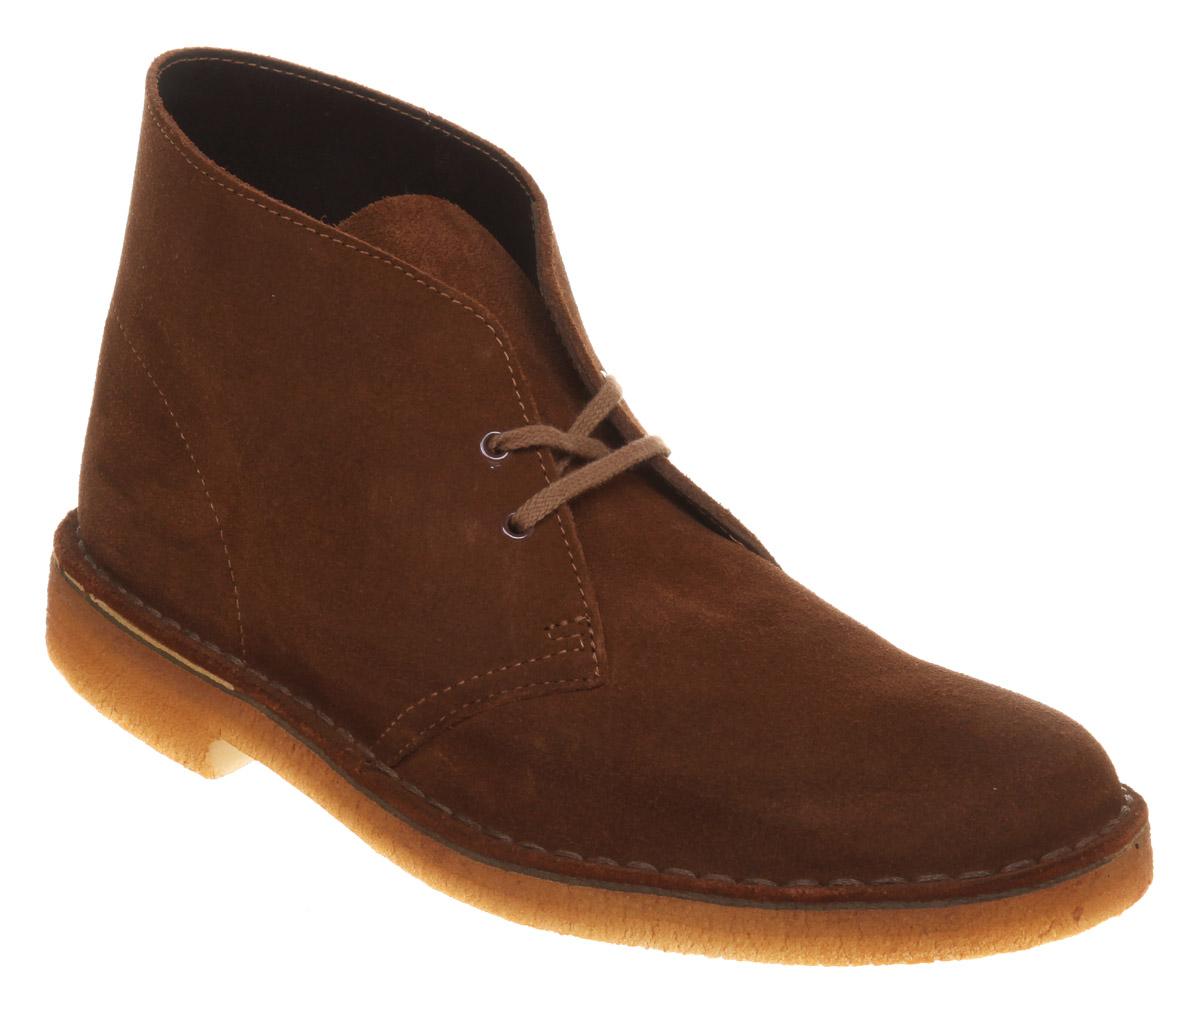 mens clarks originals desert boots cola suede boots ebay. Black Bedroom Furniture Sets. Home Design Ideas